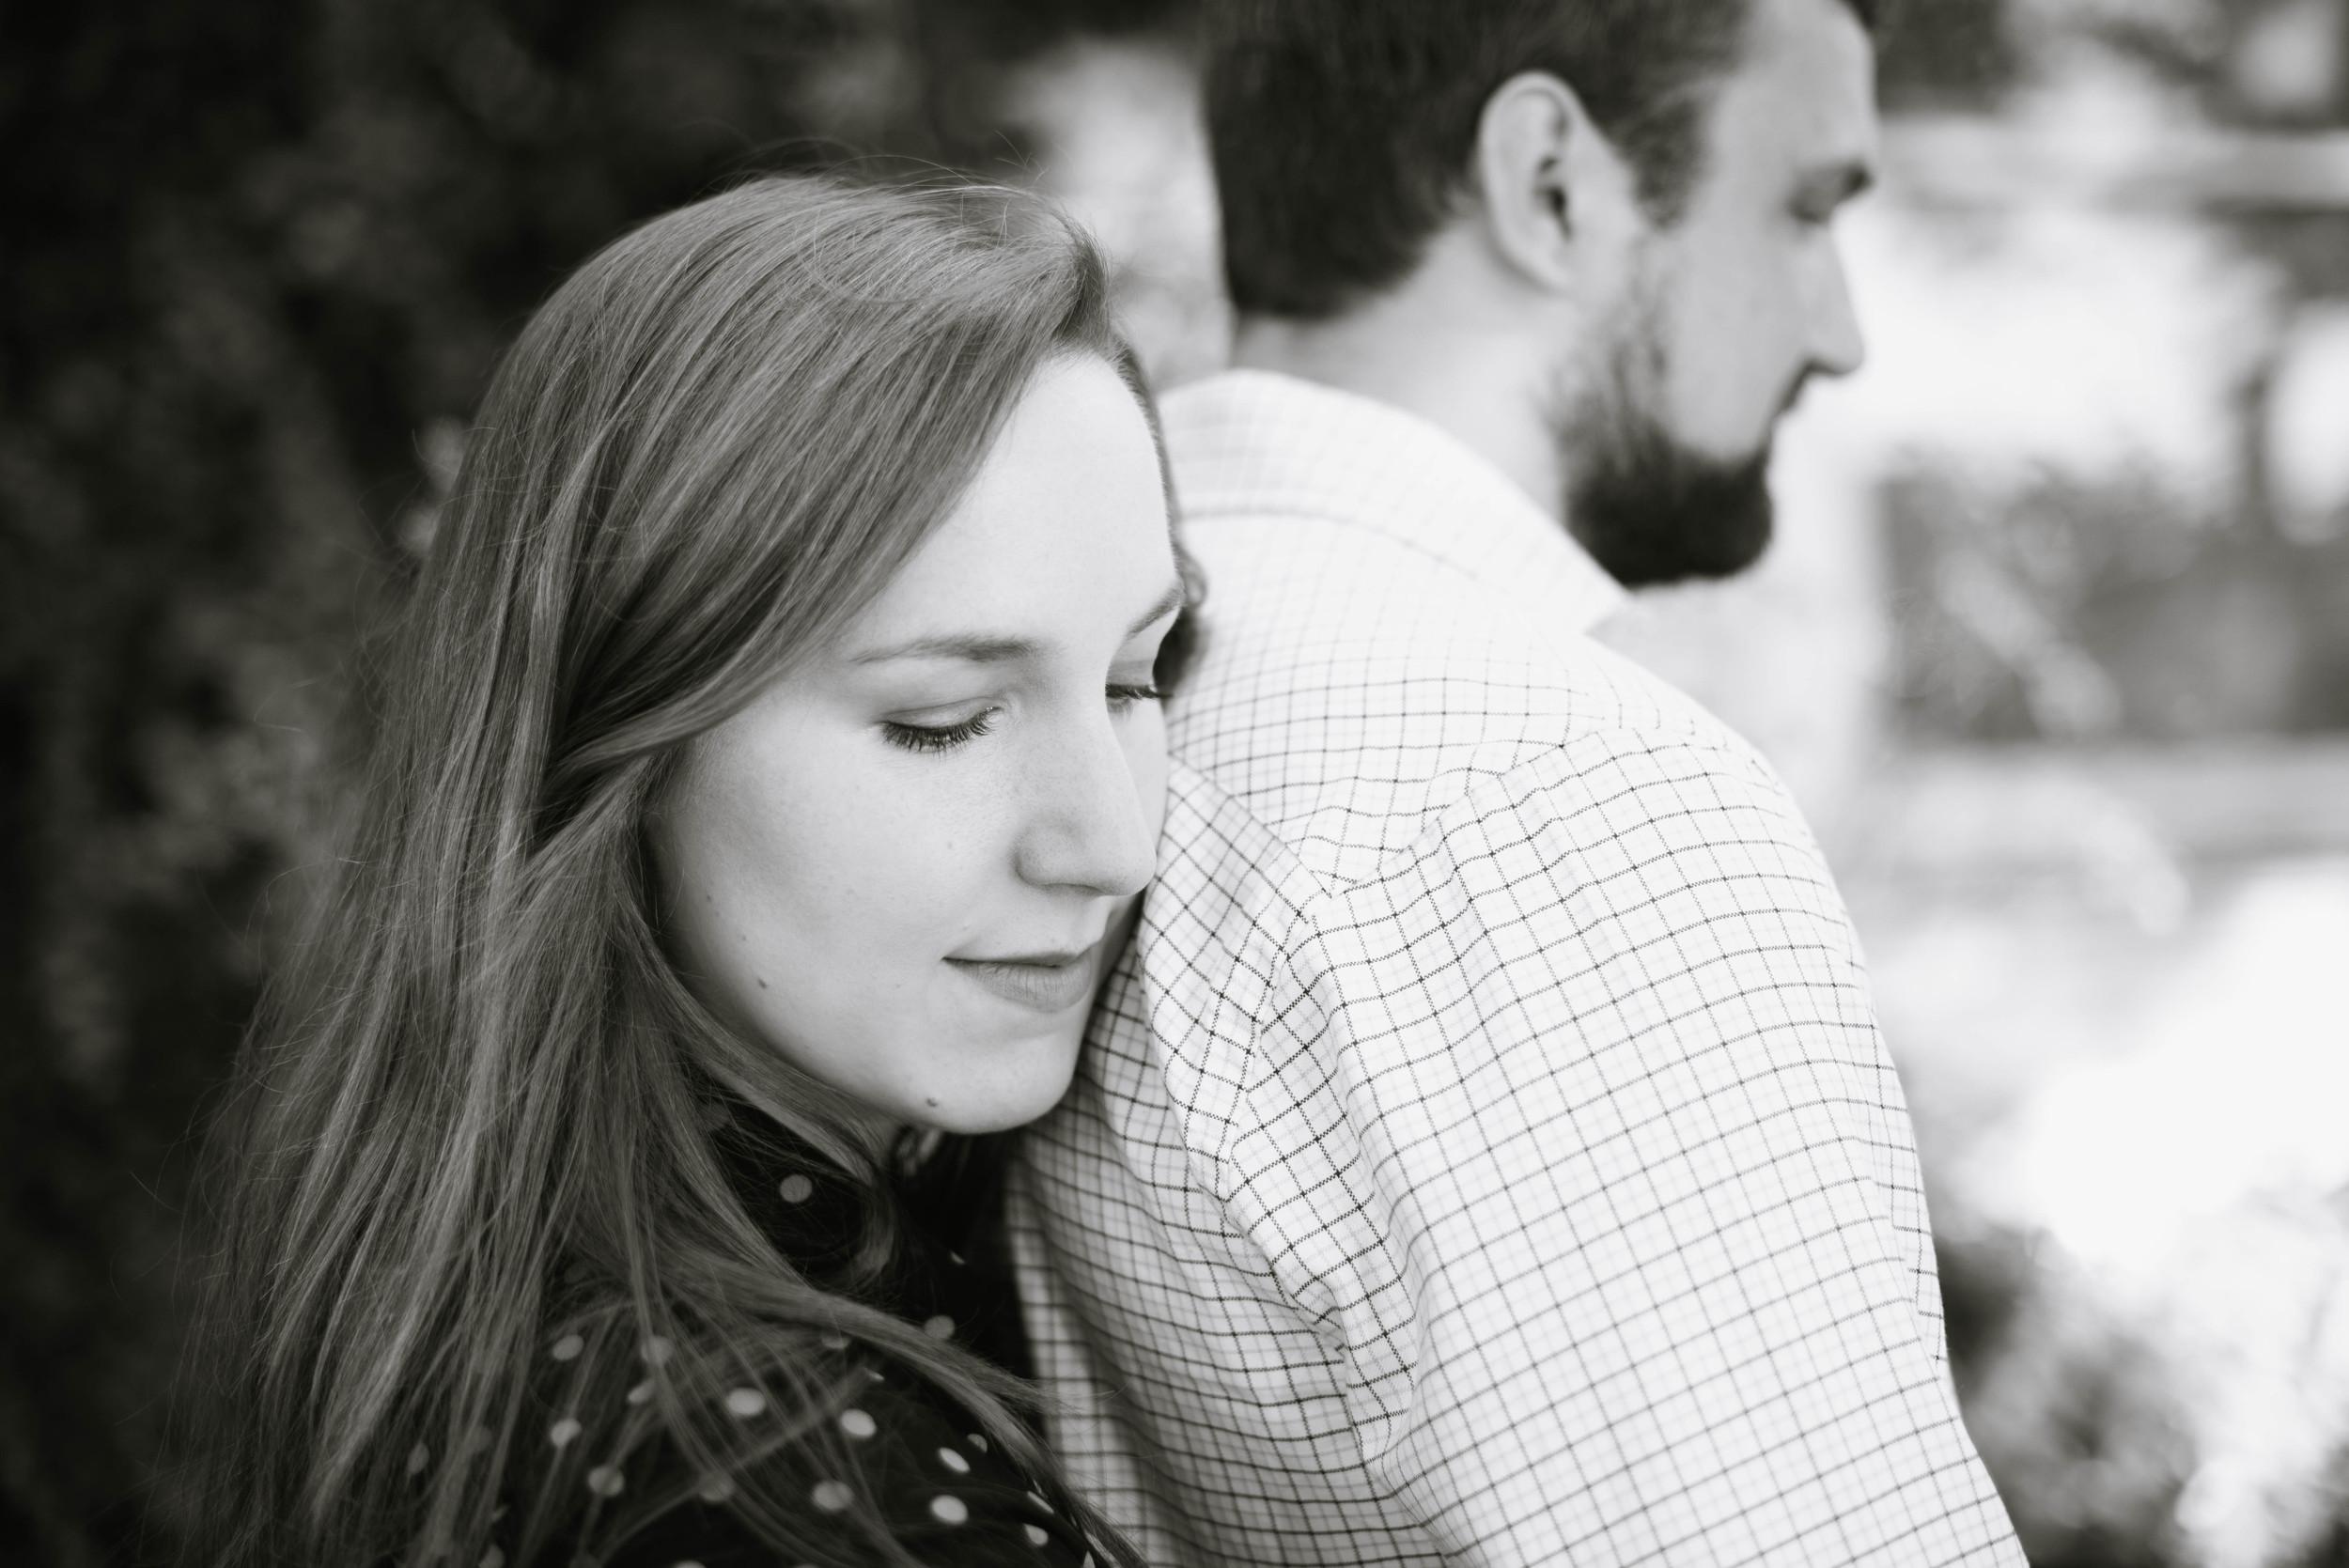 Marisa & Eike_Couples Photography_East Van_Vancouver Photography_Katie Powell Photography_-11.jpg